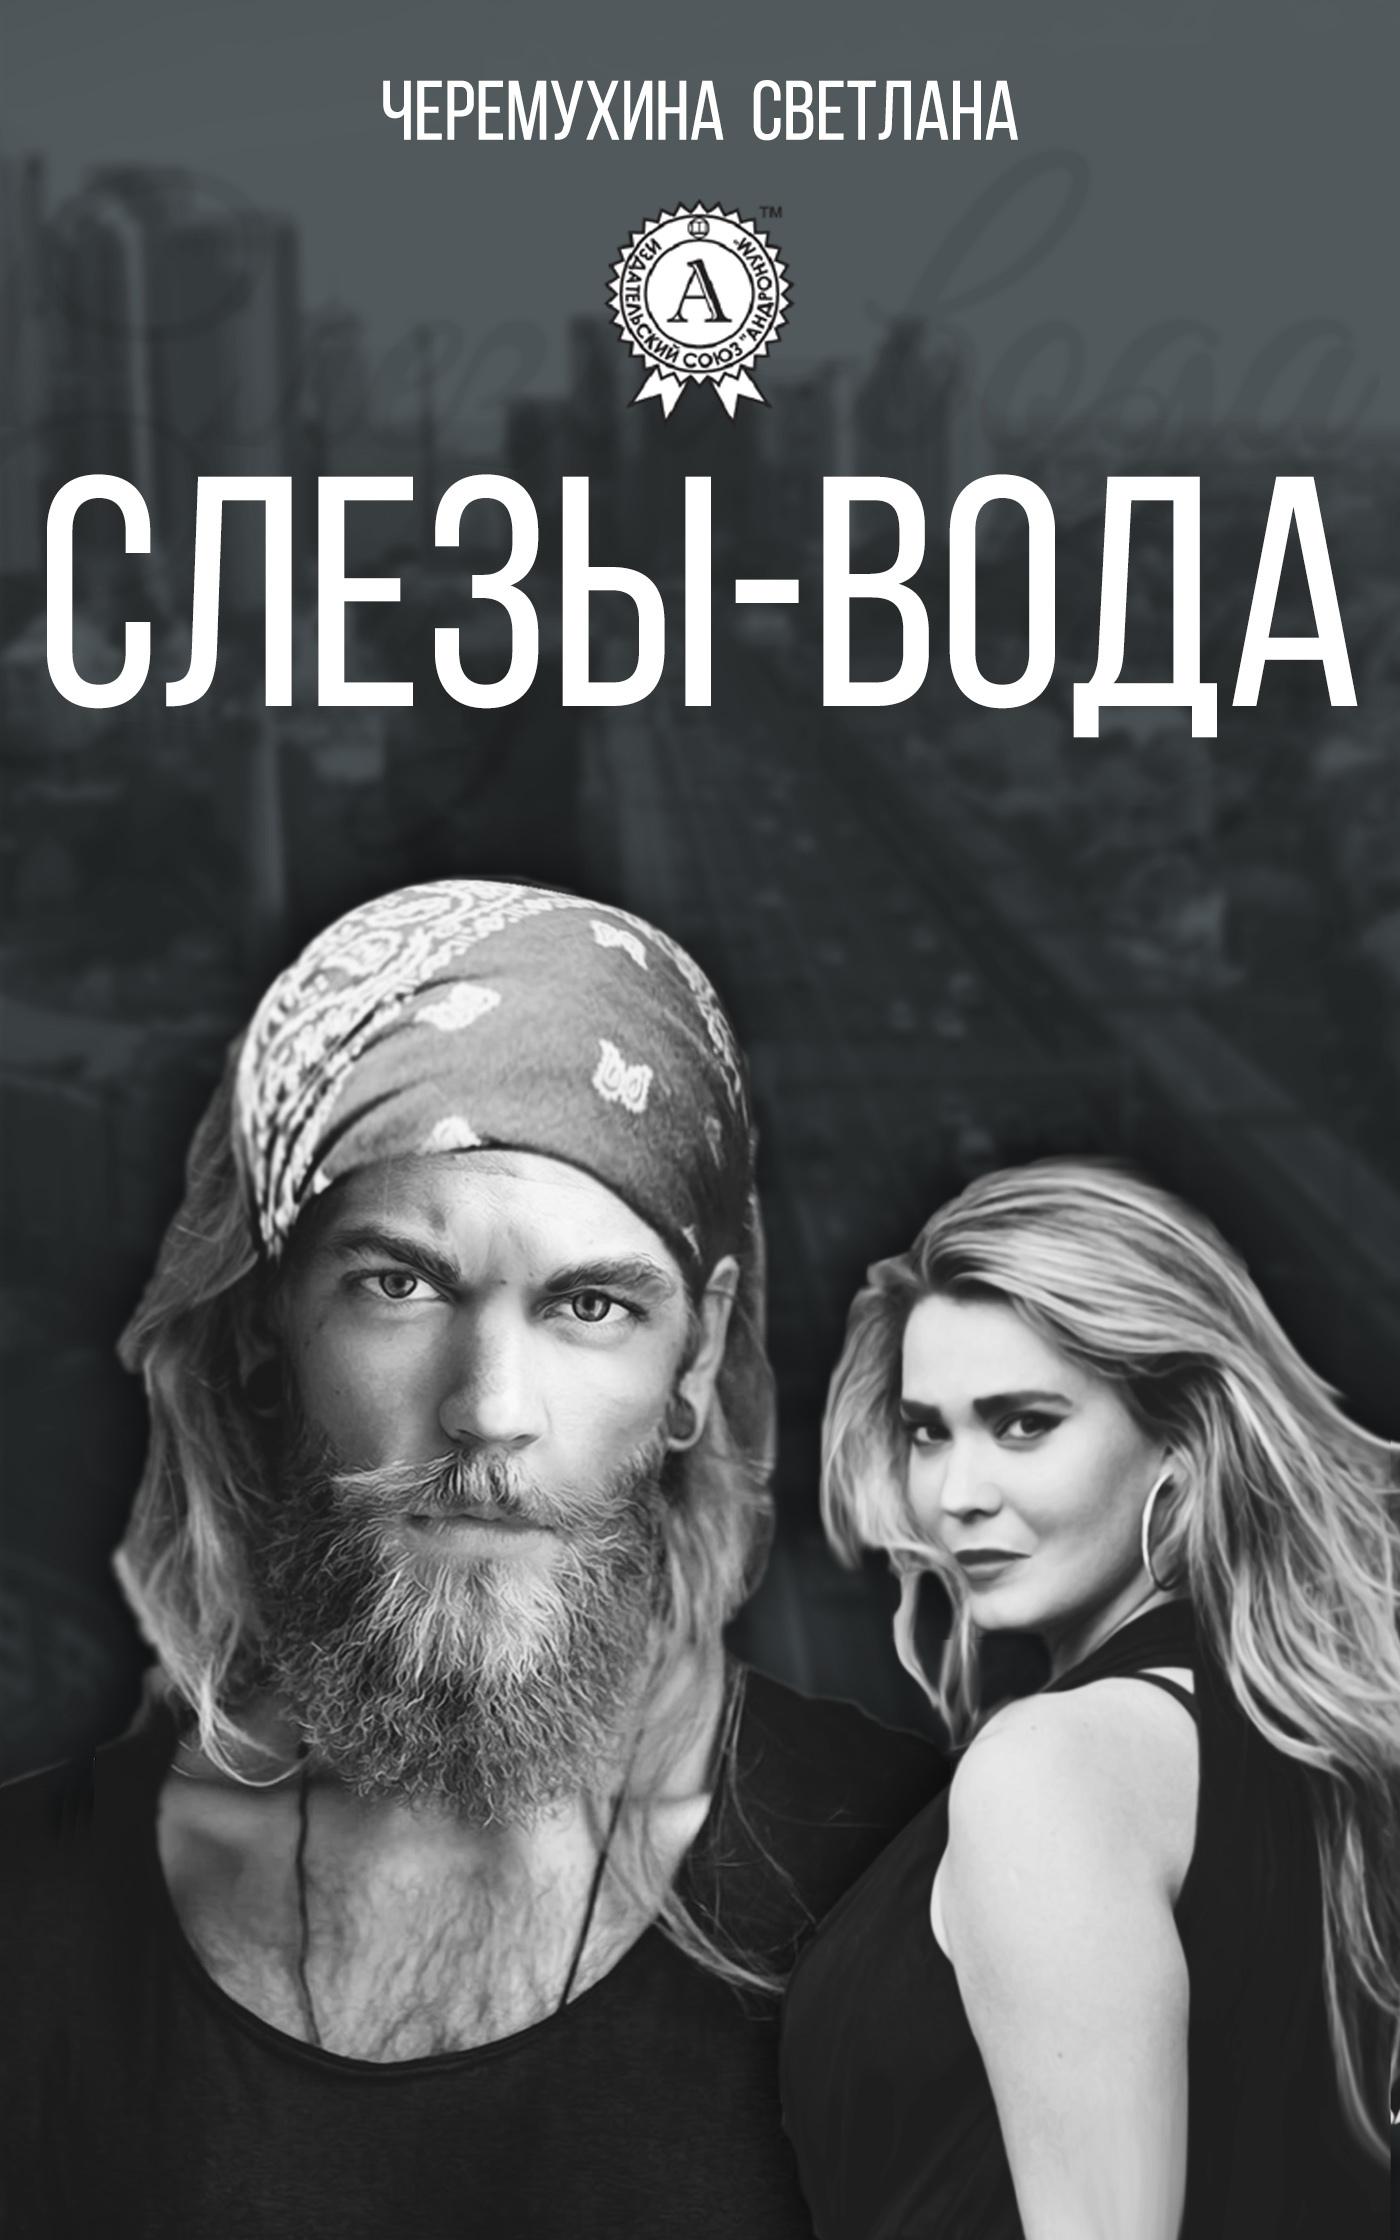 Светлана Черемухина Слезы-вода пятак есть а ничего не купить что это